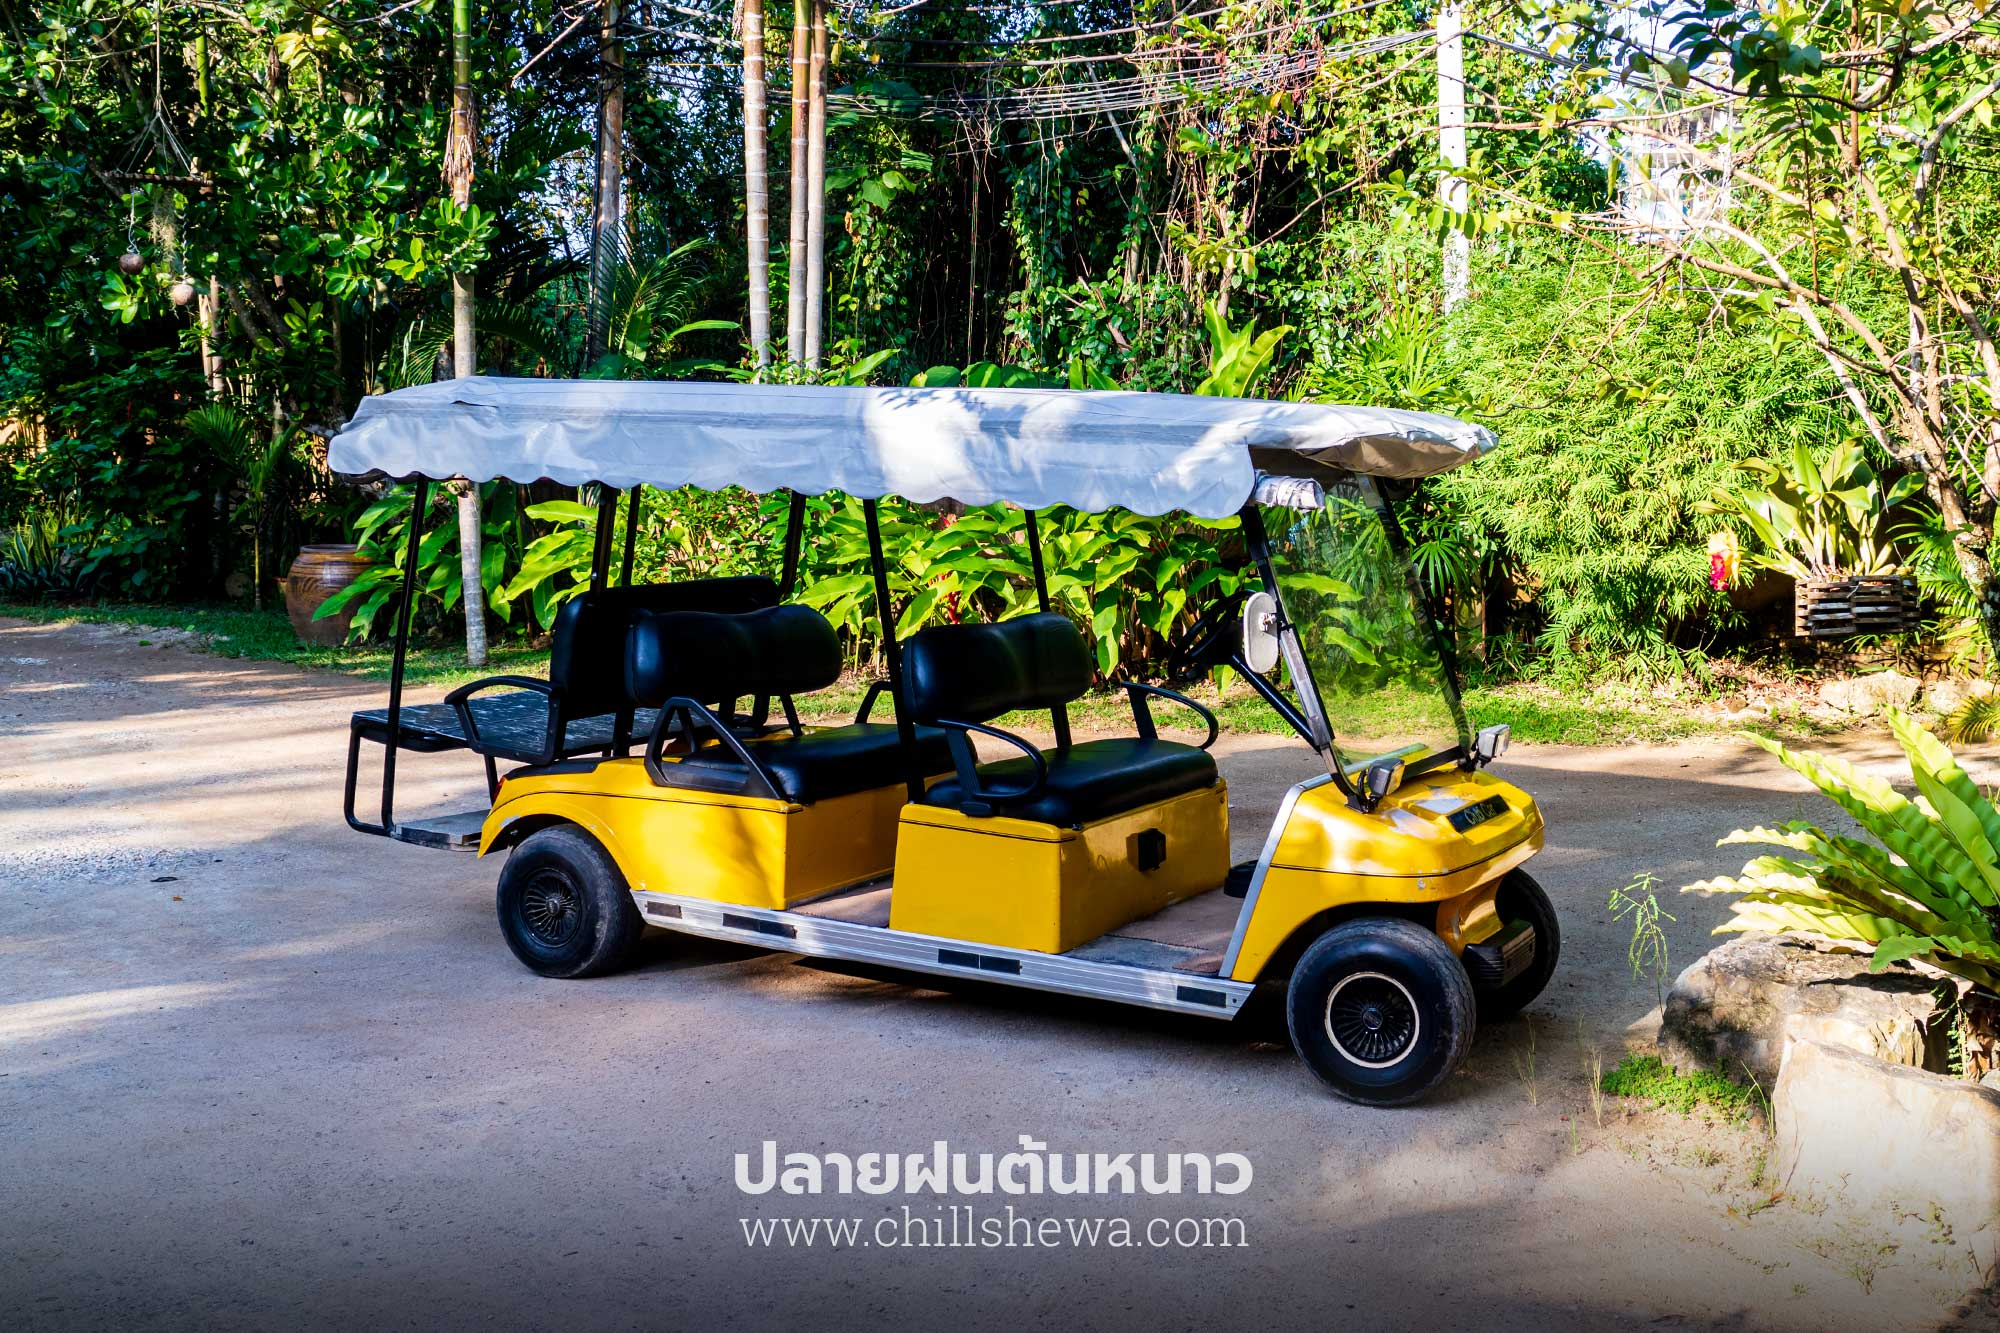 บ้านใสใน รีสอร์ท BAAN SAINAI RESORT  บ้านใสใน รีสอร์ท Ban Sainai Resort อ่าวนาง กระบี่                                                BAAN SAINAI RESORT 12